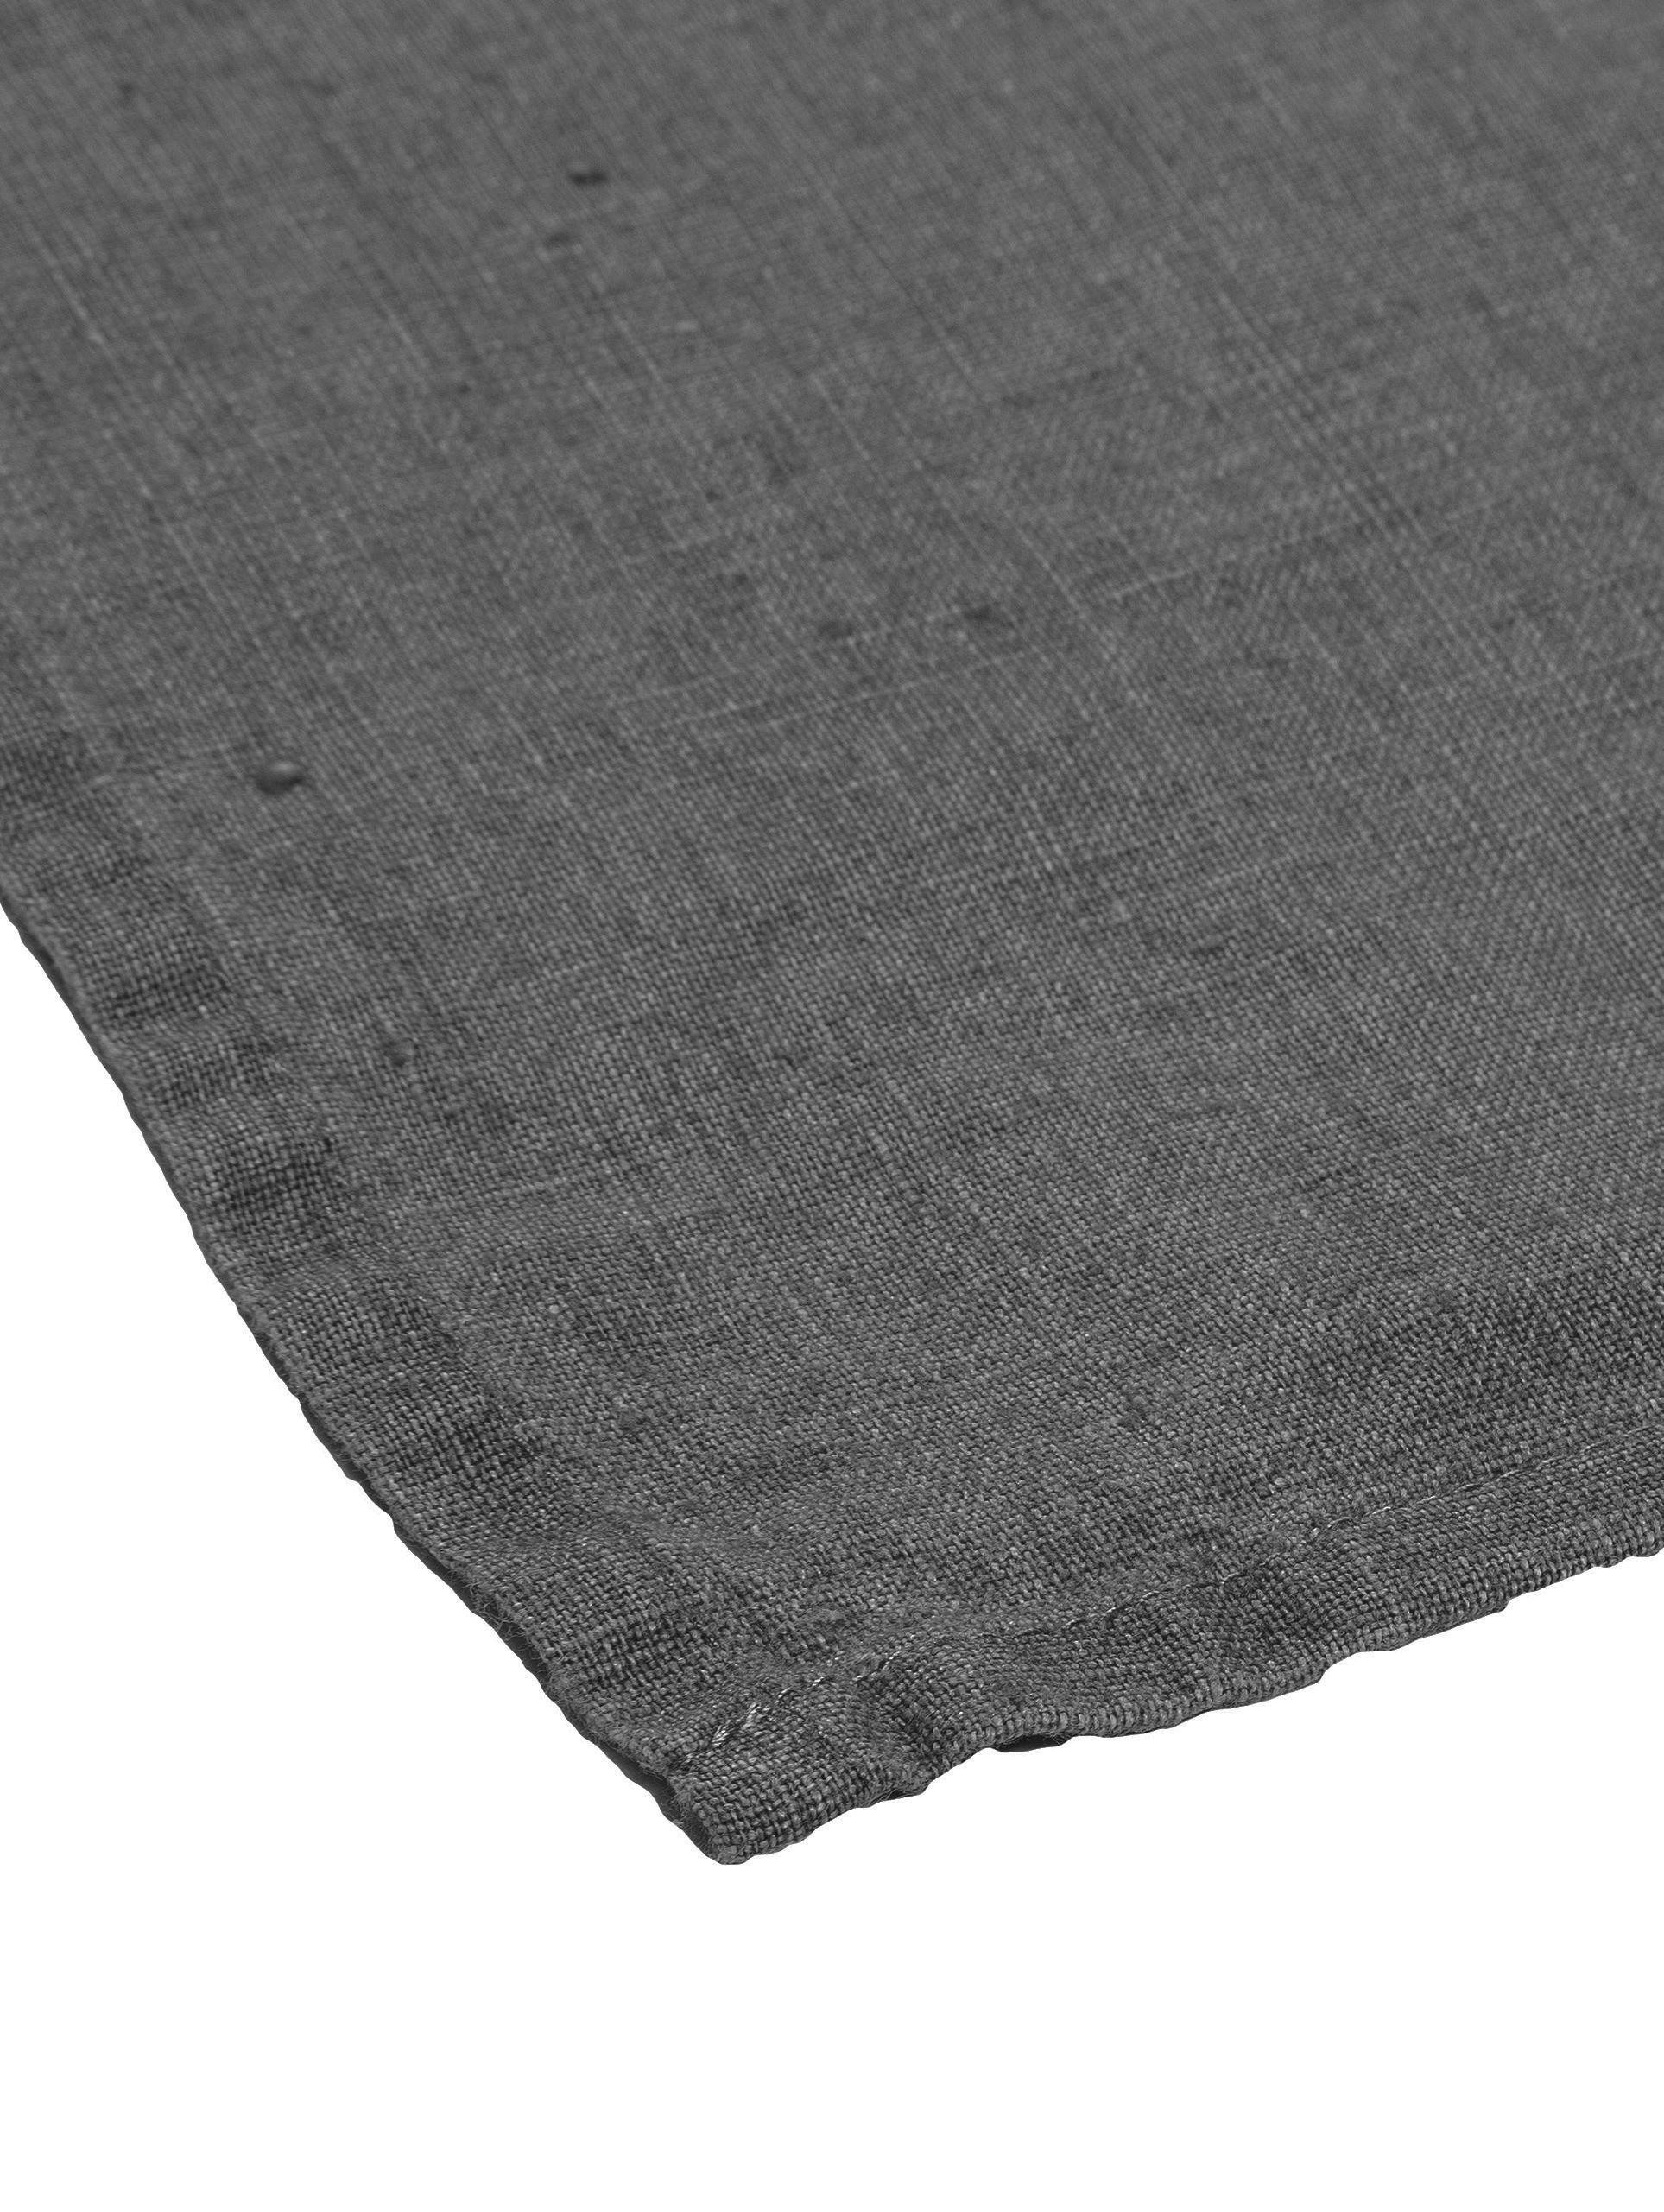 Leinen-Servietten Ruta, 6 Stück, Grau, 43 x 43 cm